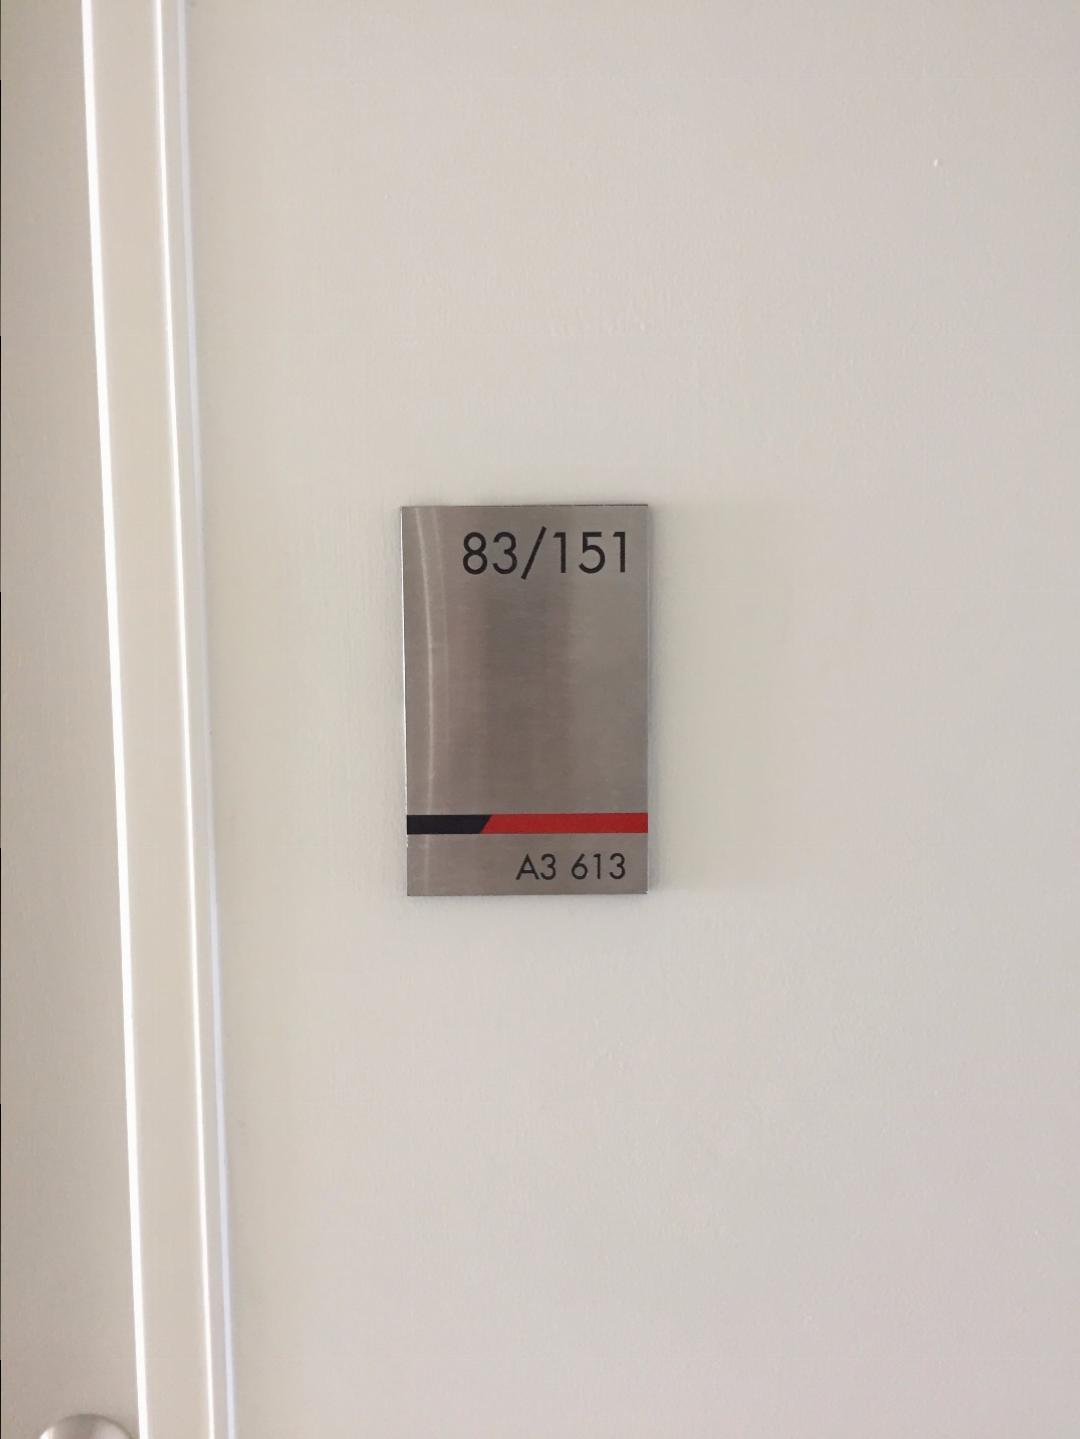 ขาย คอนโดลุมพินี มิกซ์ เทพารักษ์ 23 ตรม. วิวสระ ชั้น 6 (พร้อมผู้เช่าสัญญา 1 ปี ถึง 03/2562)